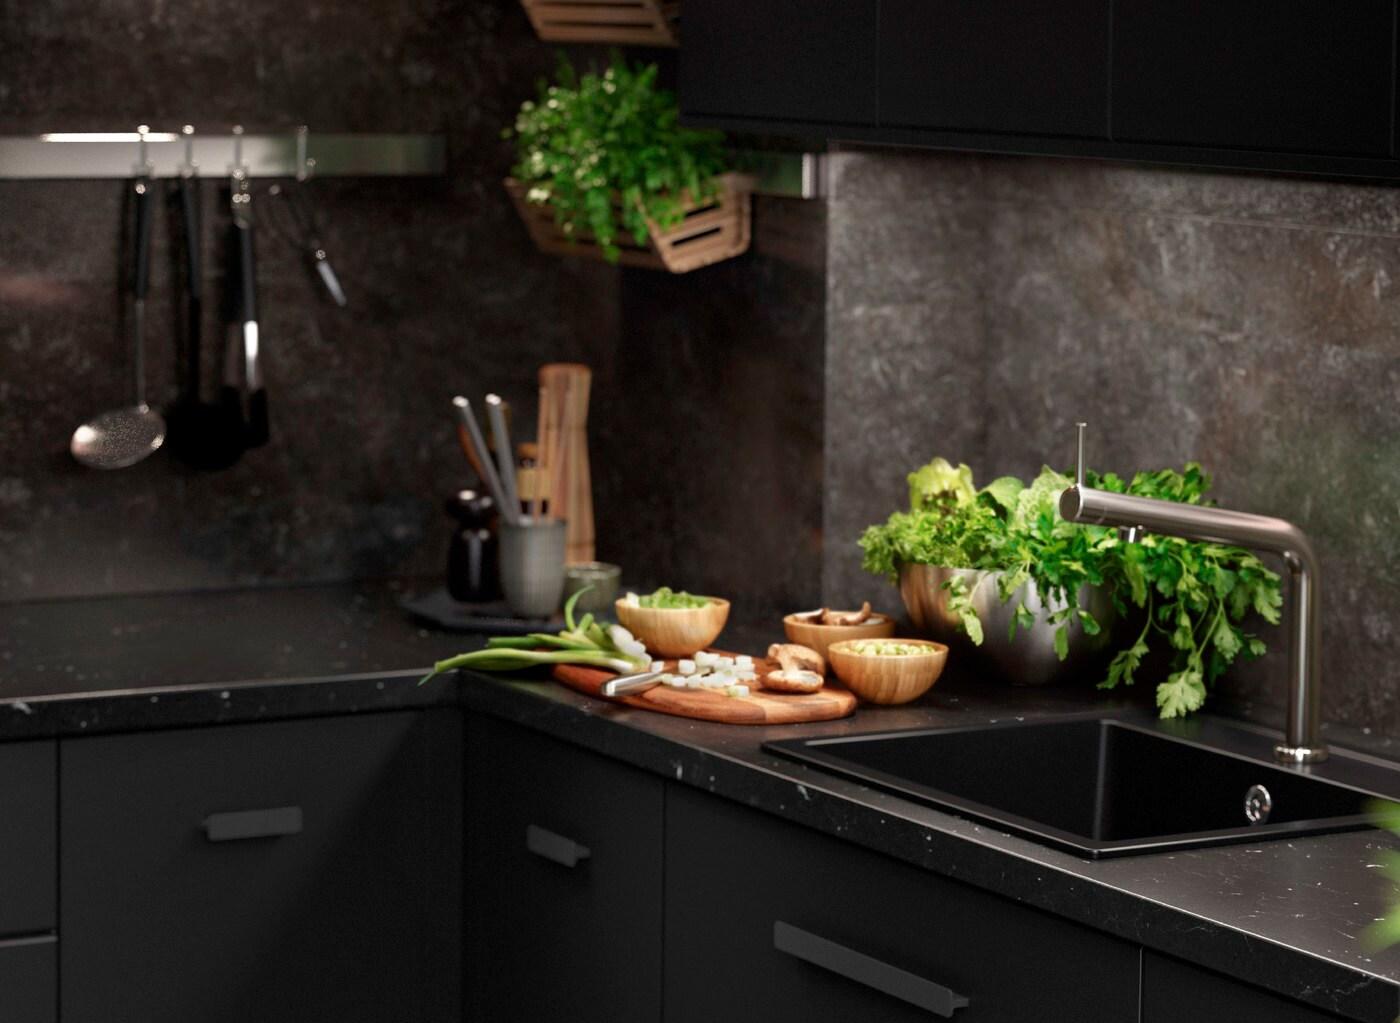 Et sort KUNGSBACKA køkken med marmorinspirerede funktioner med køkkenredskaber og friske urter.